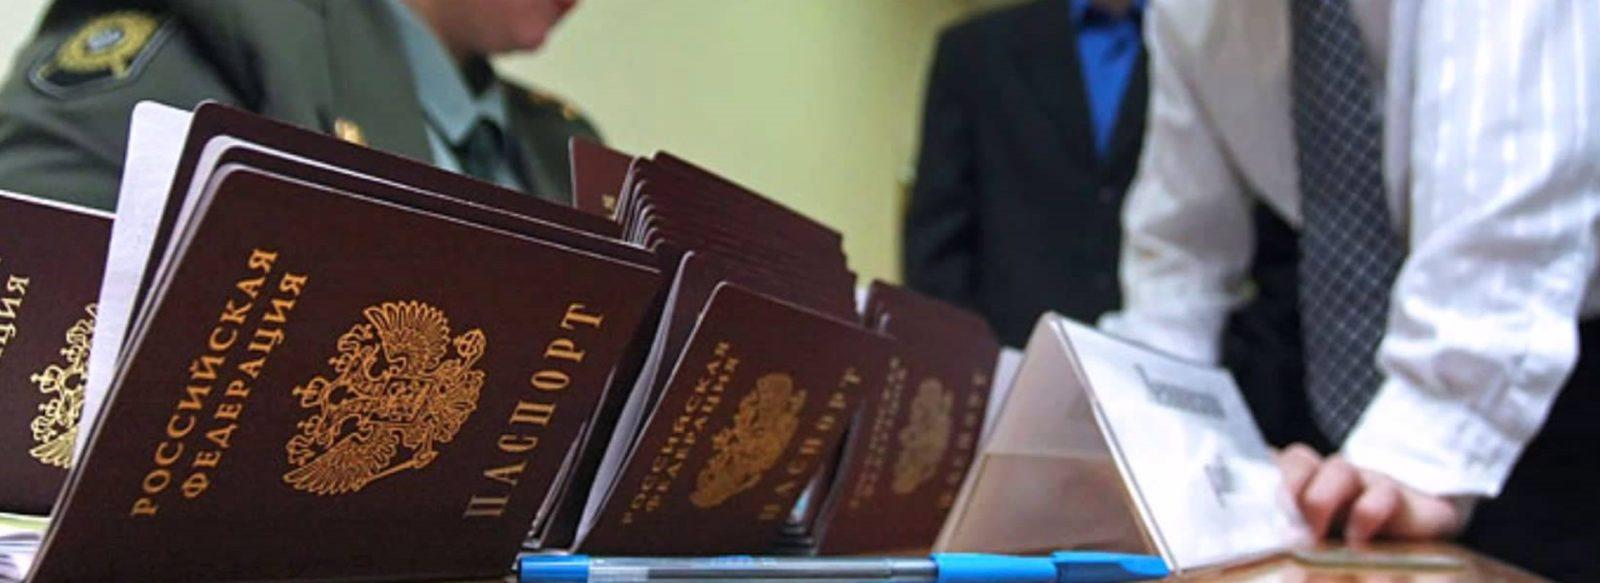 юридическая консультация по миграционному вопросу